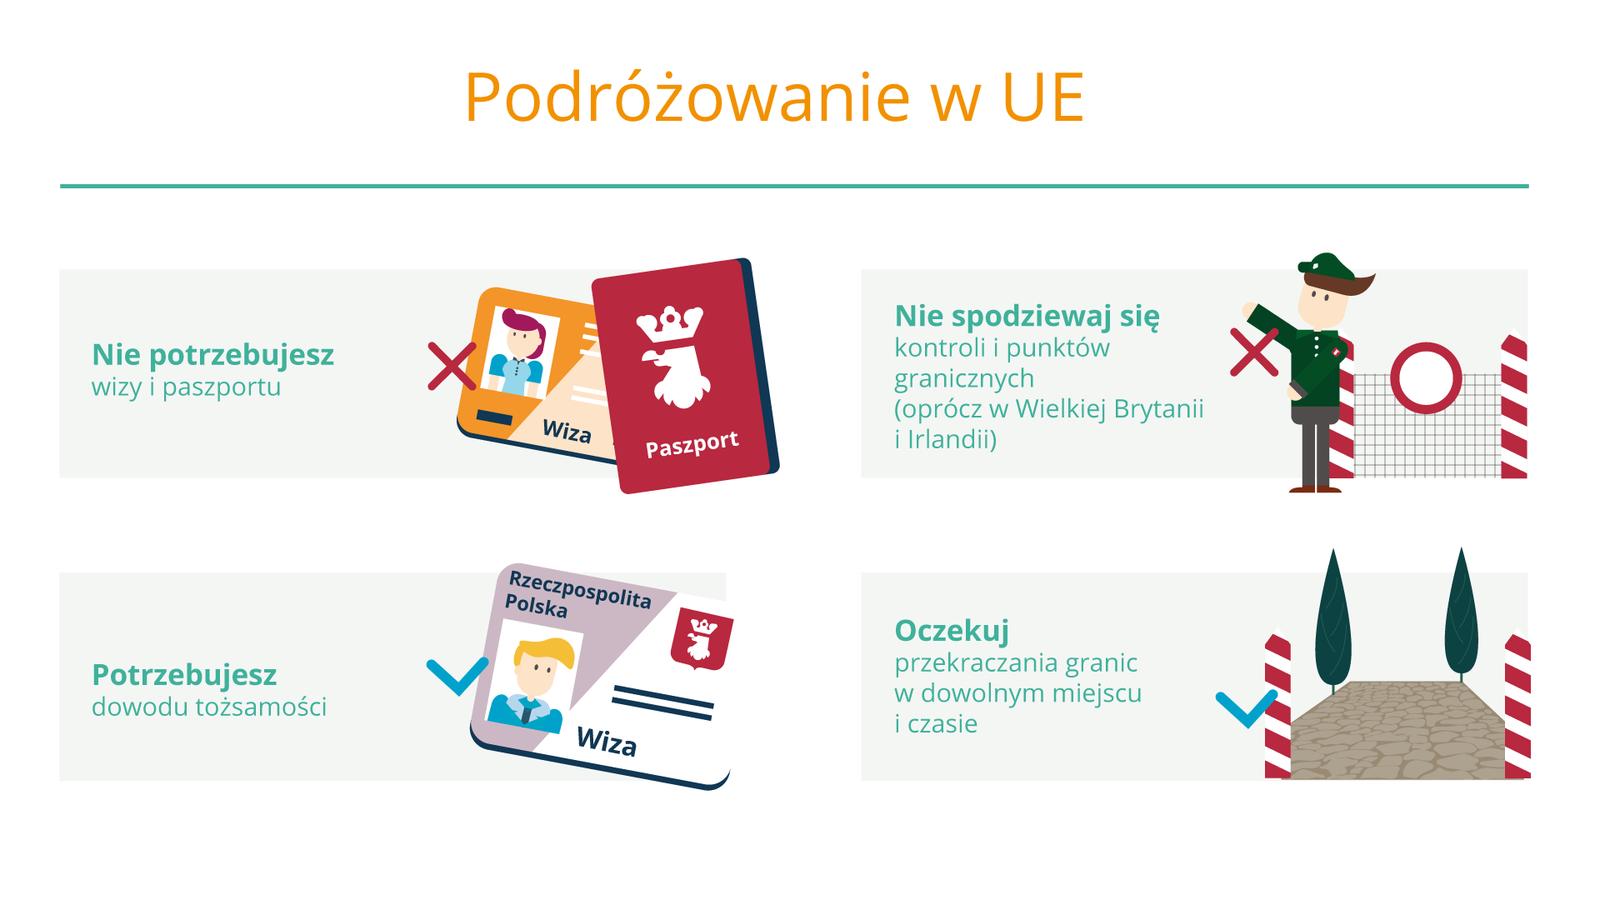 Zniesienie granic Źródło: Contentplus.pl sp. zo.o., licencja: CC BY 3.0.